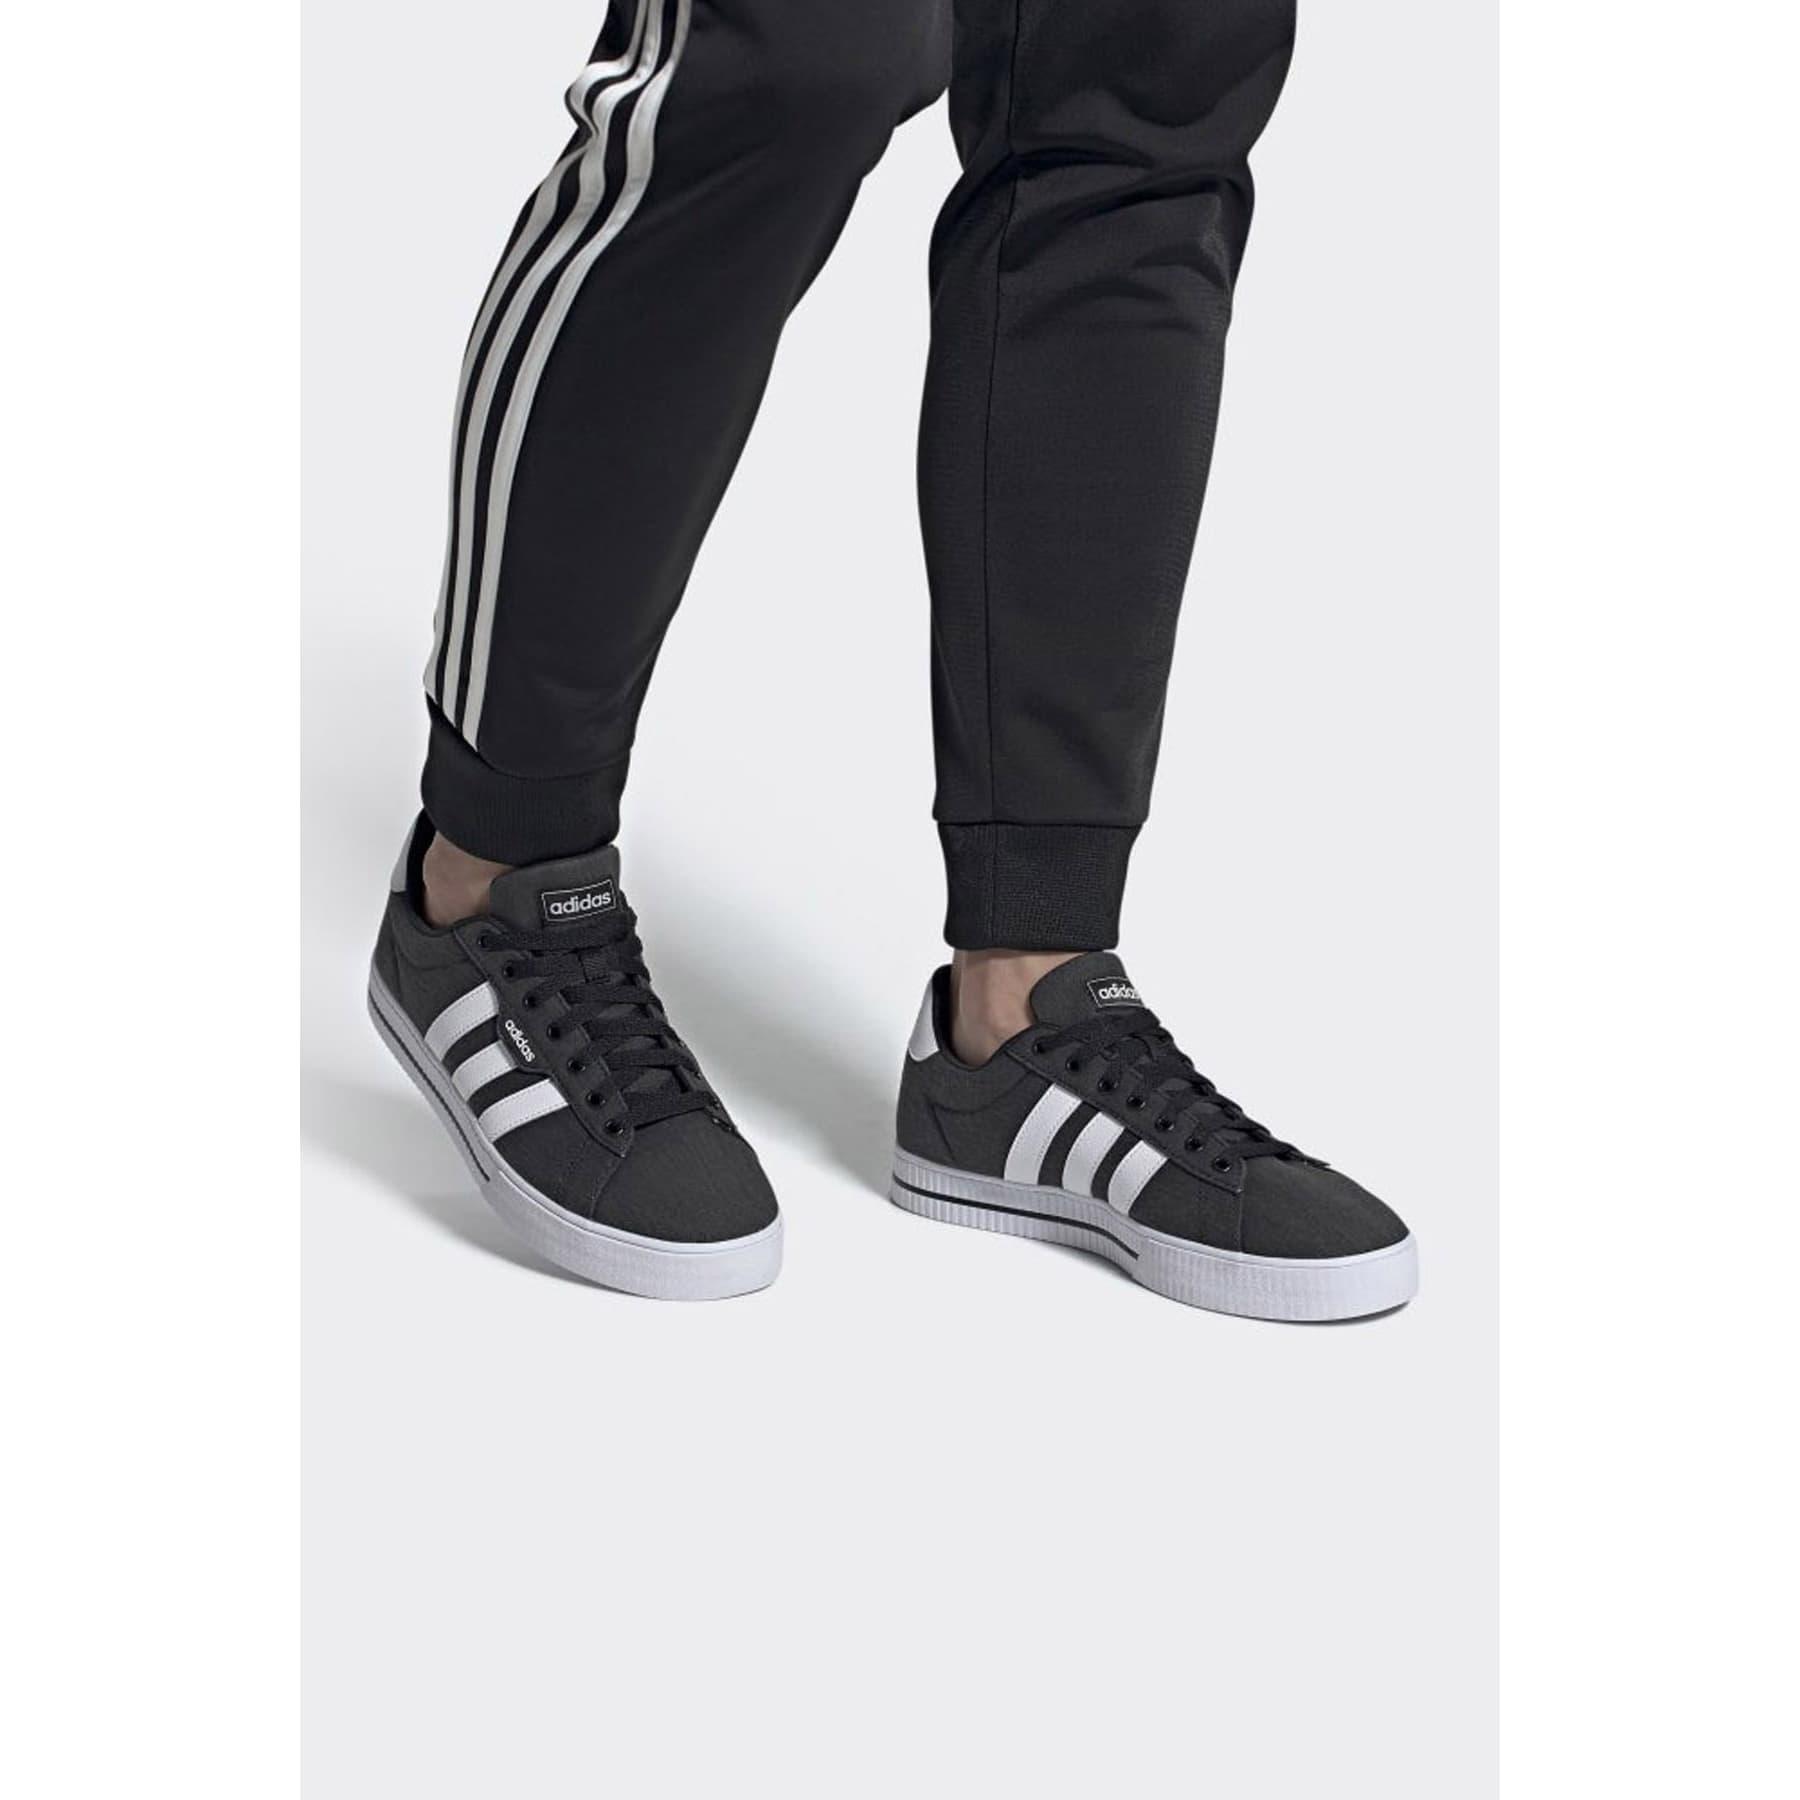 Daily 3.0 Erkek Siyah Spor Ayakkabı (FW7033)